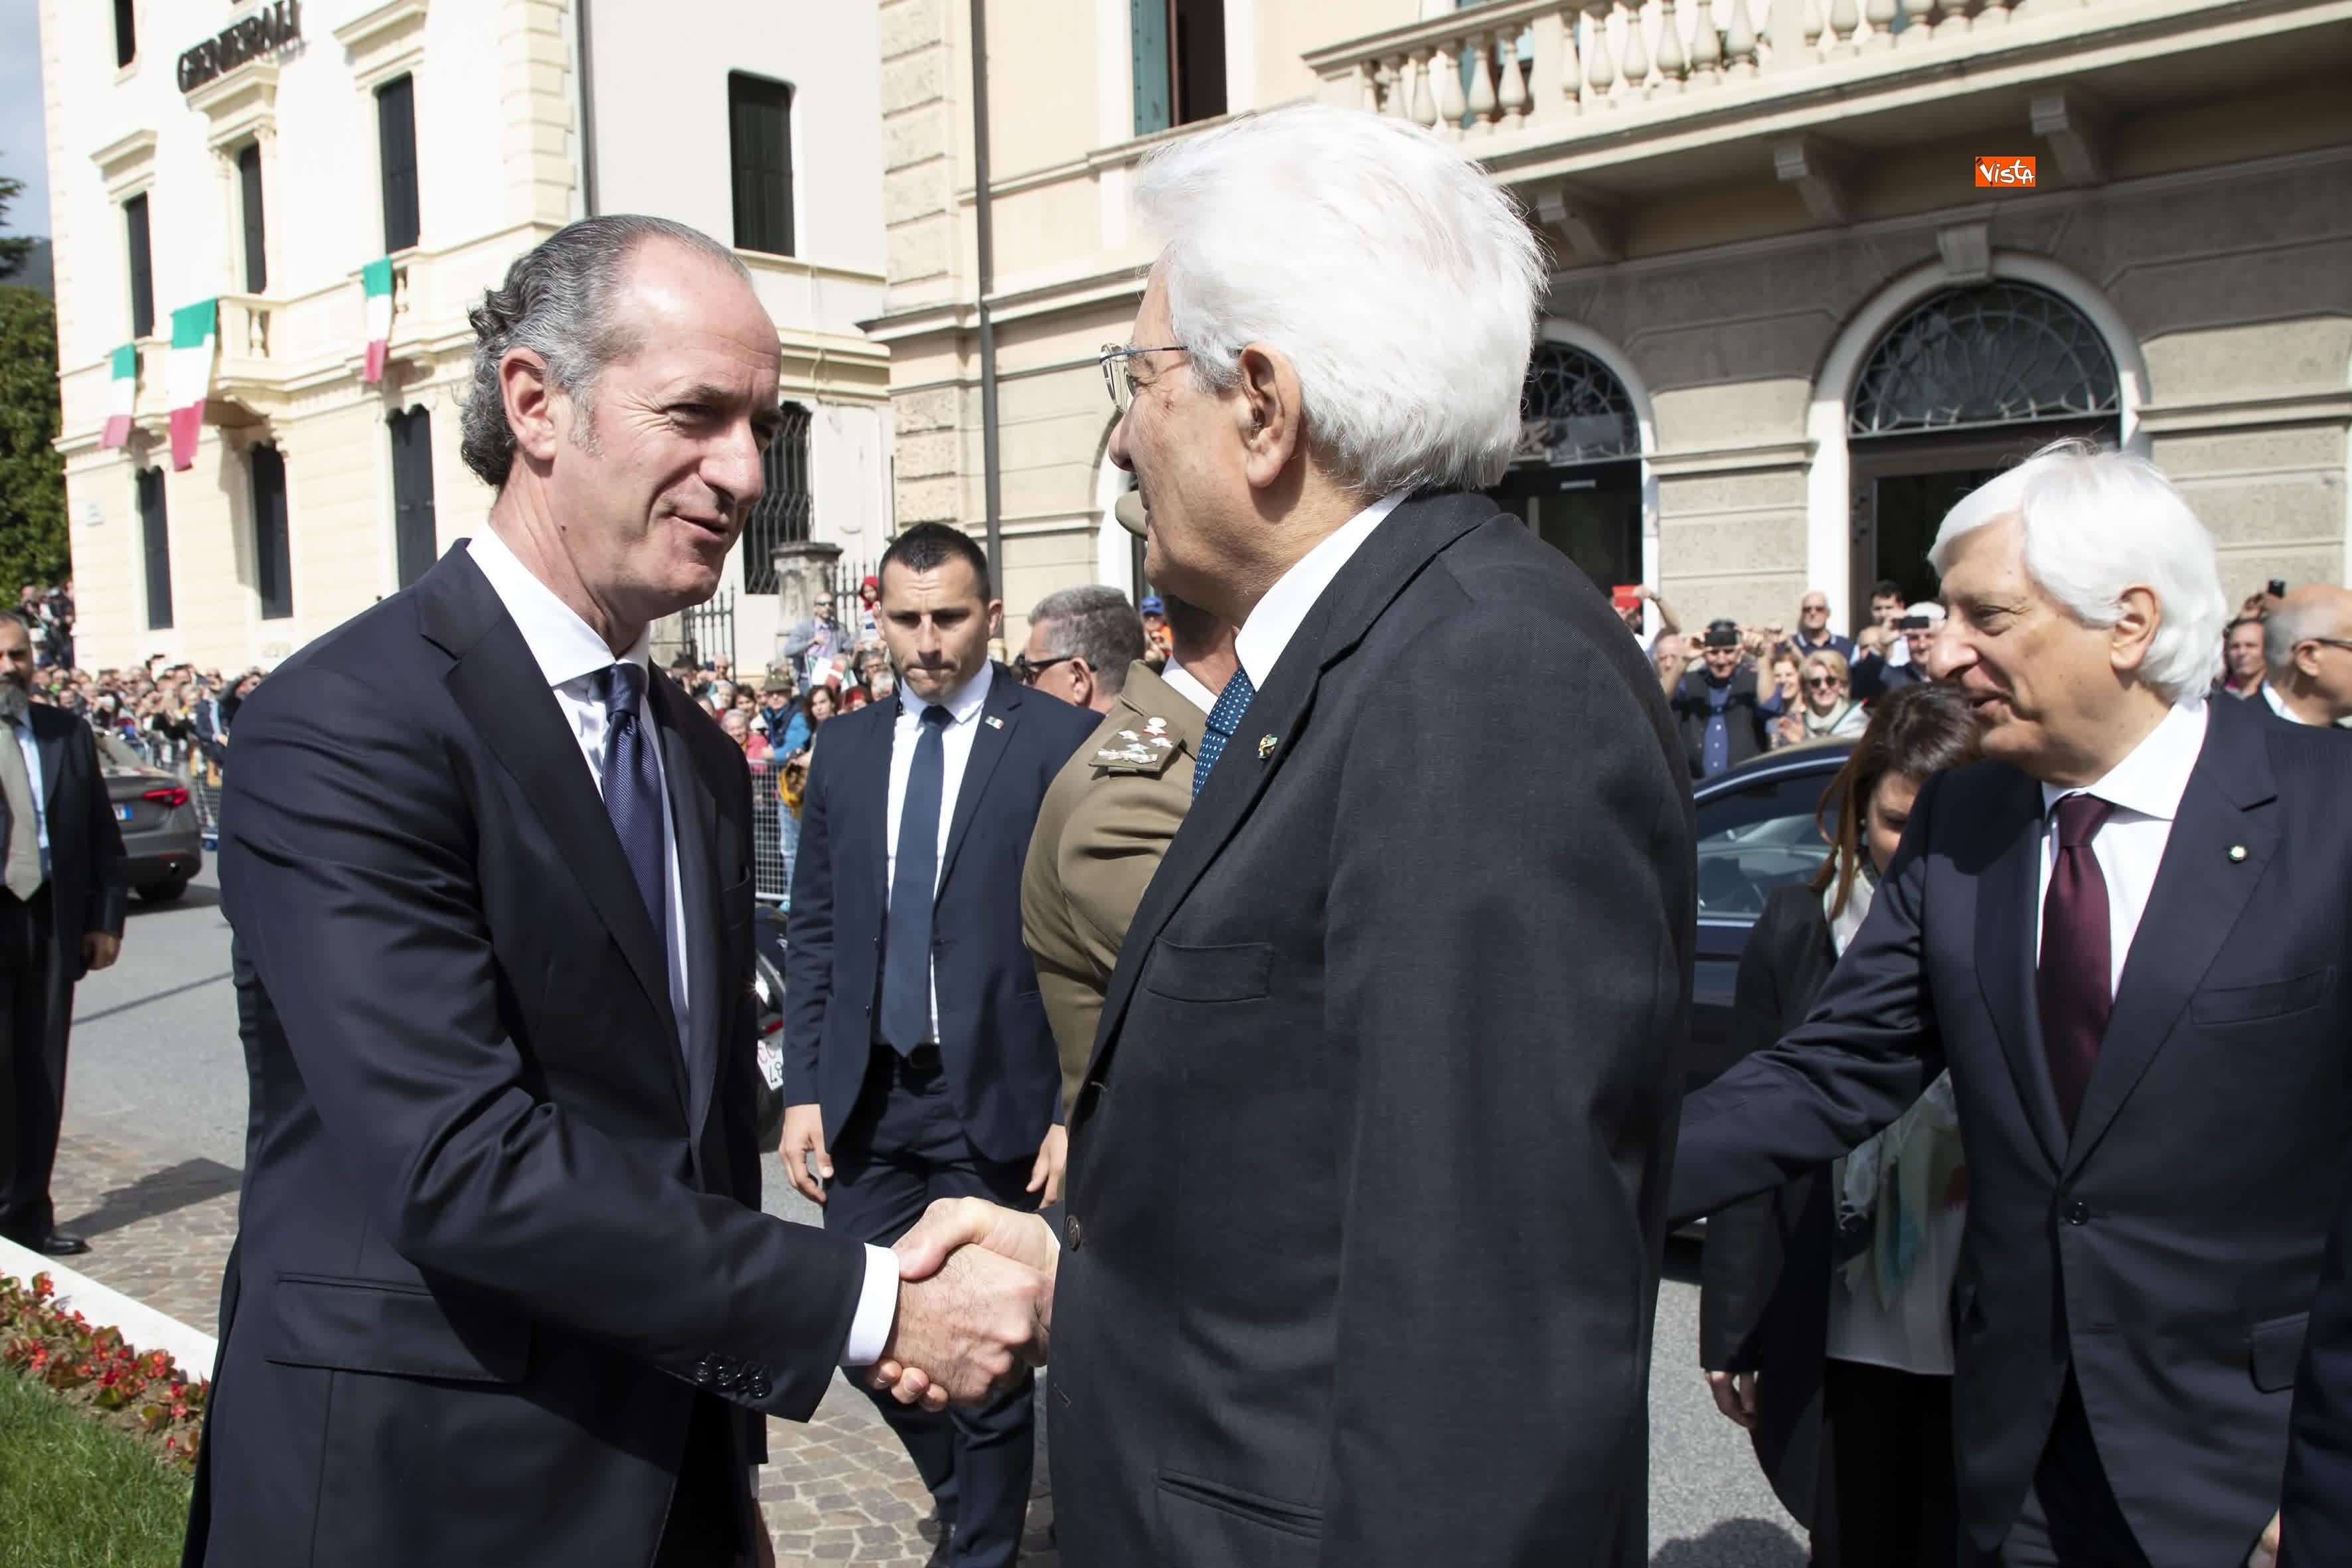 25-04-19 Il Presidente Mattarella assiste alla Cerimonia dell alzabandiera a Vittorio Veneto